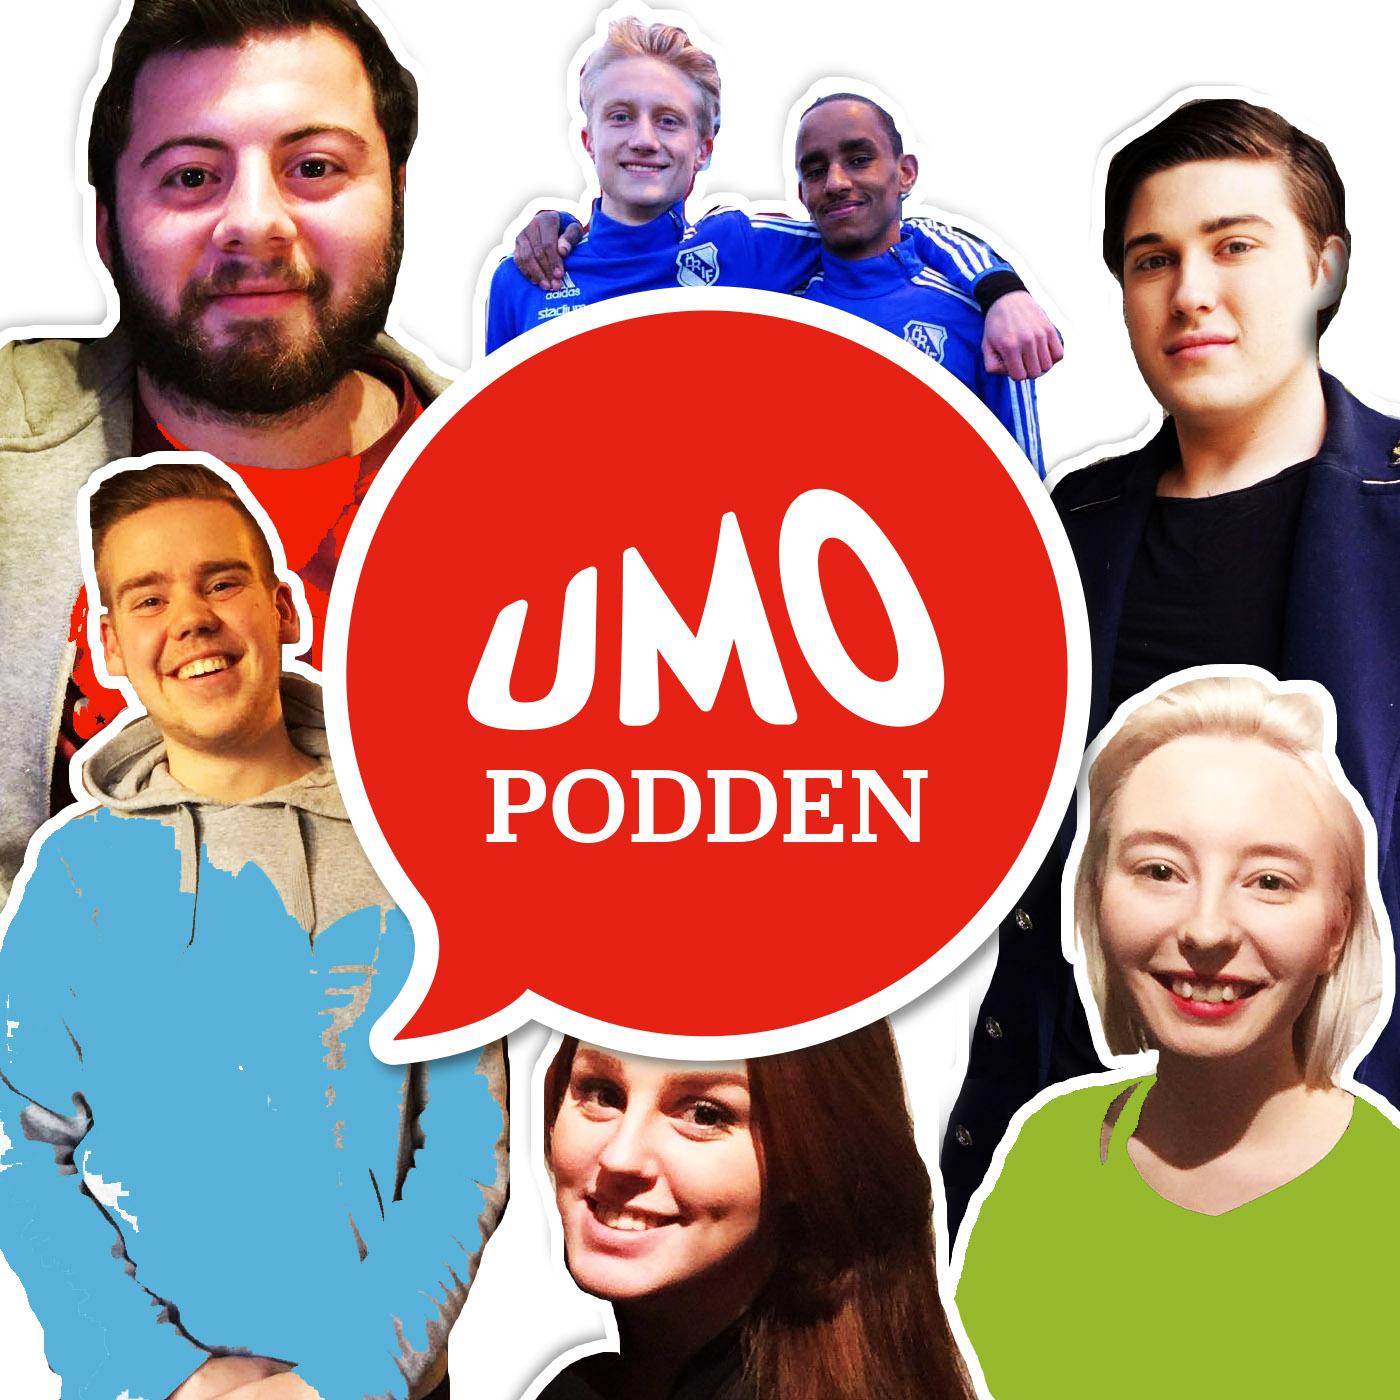 UMO-podden + Sexnoveller show art